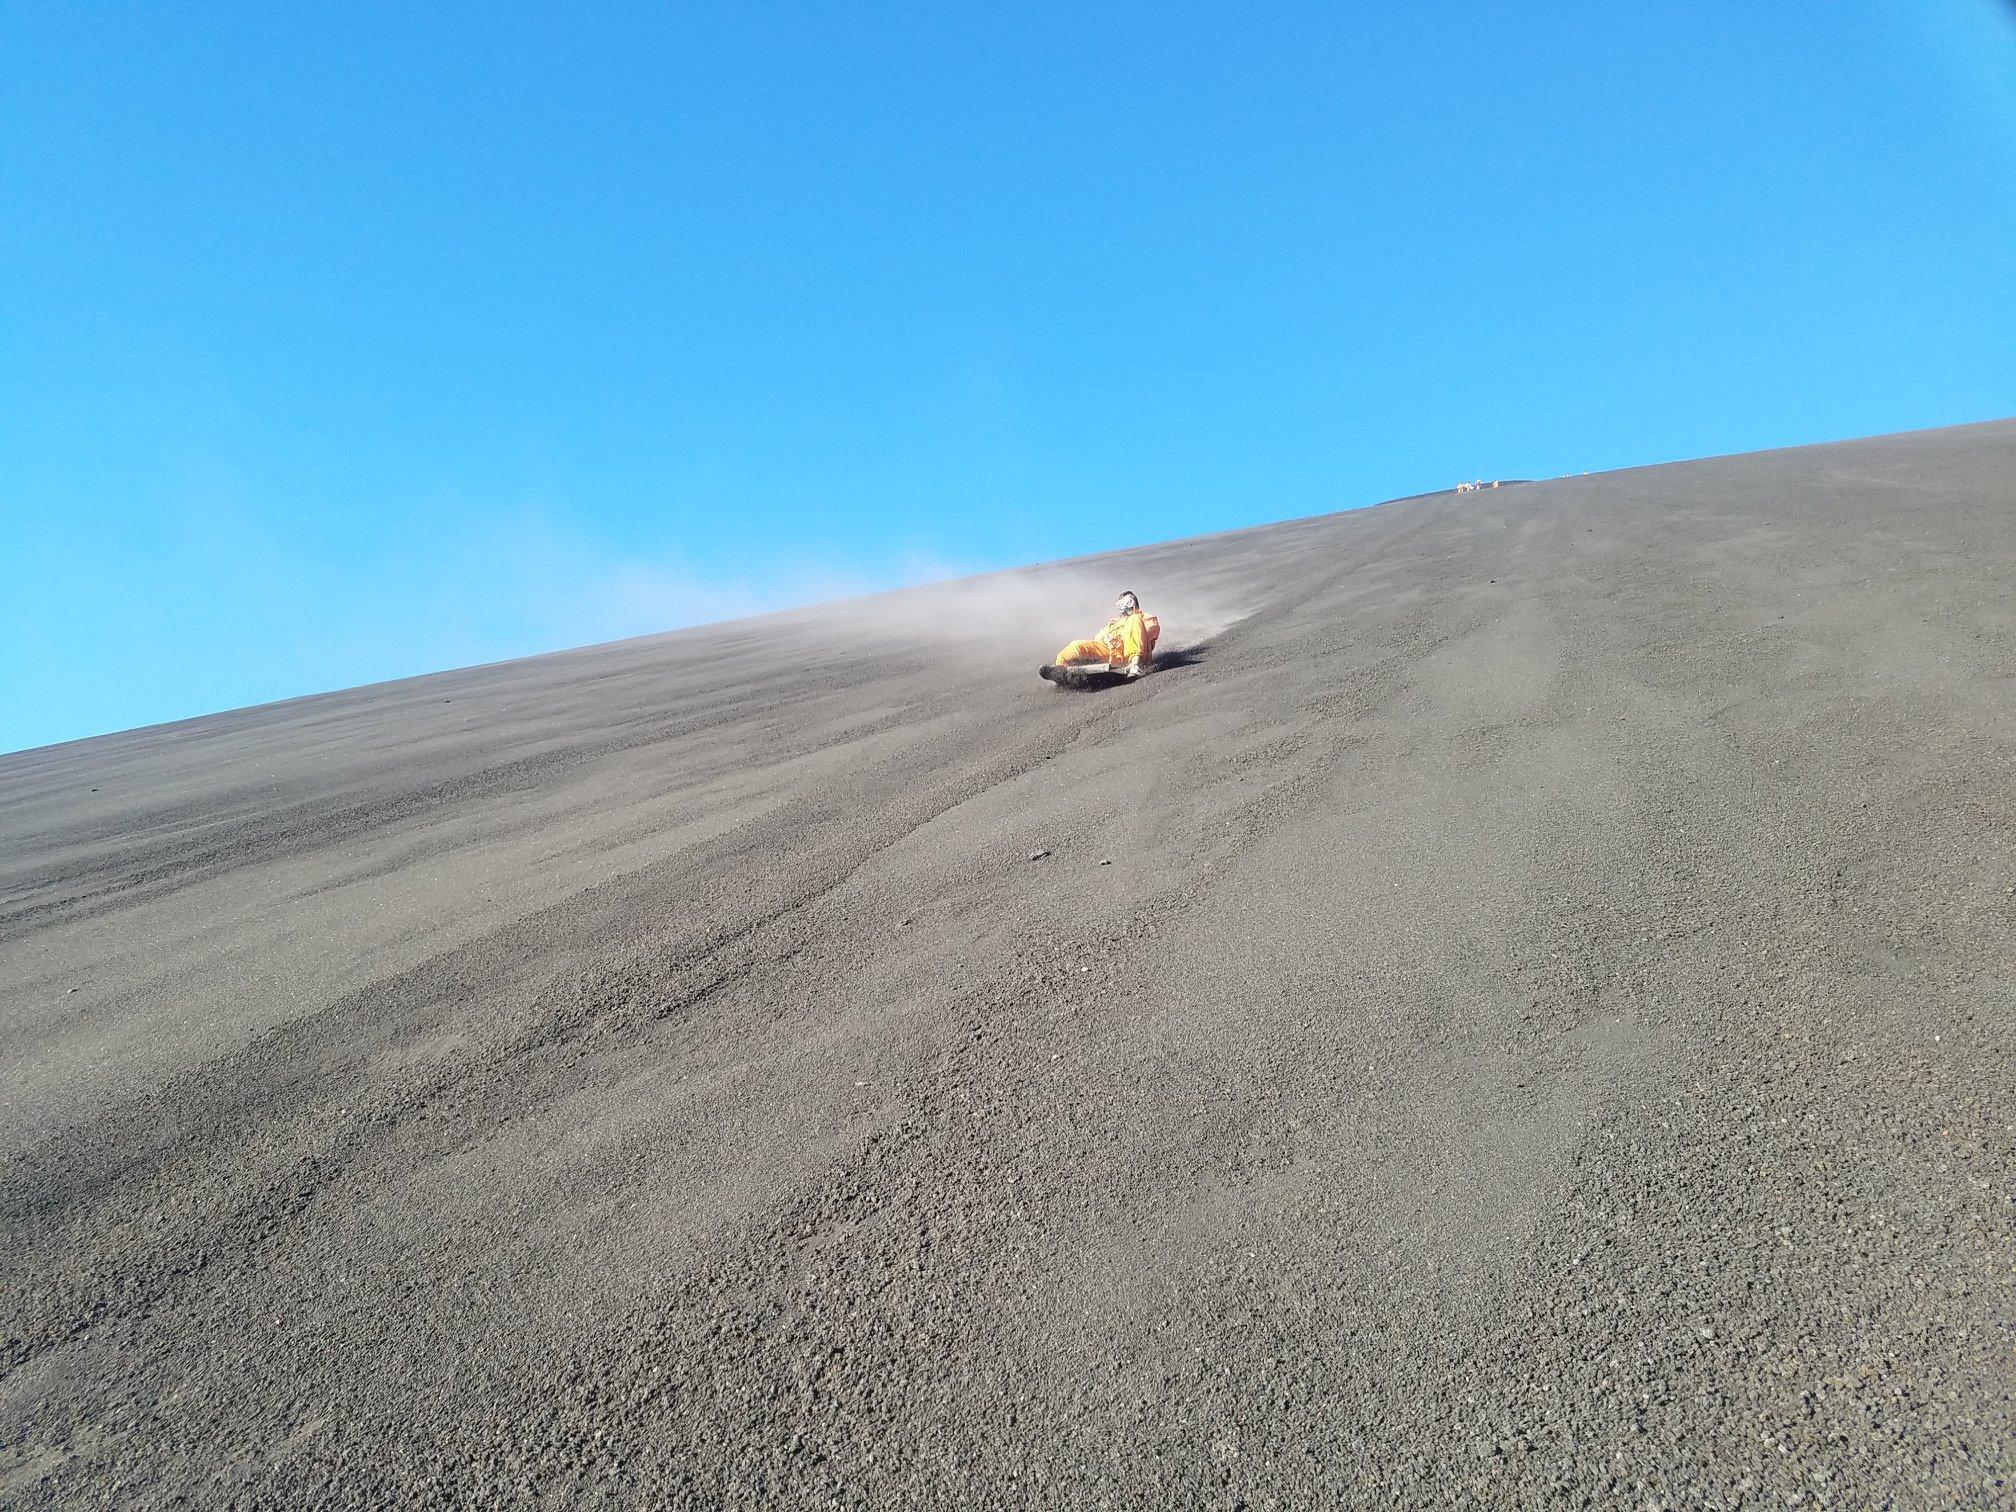 Navzdol po vulkanu? Itak, če imava pa zavarovanje za tujino :)